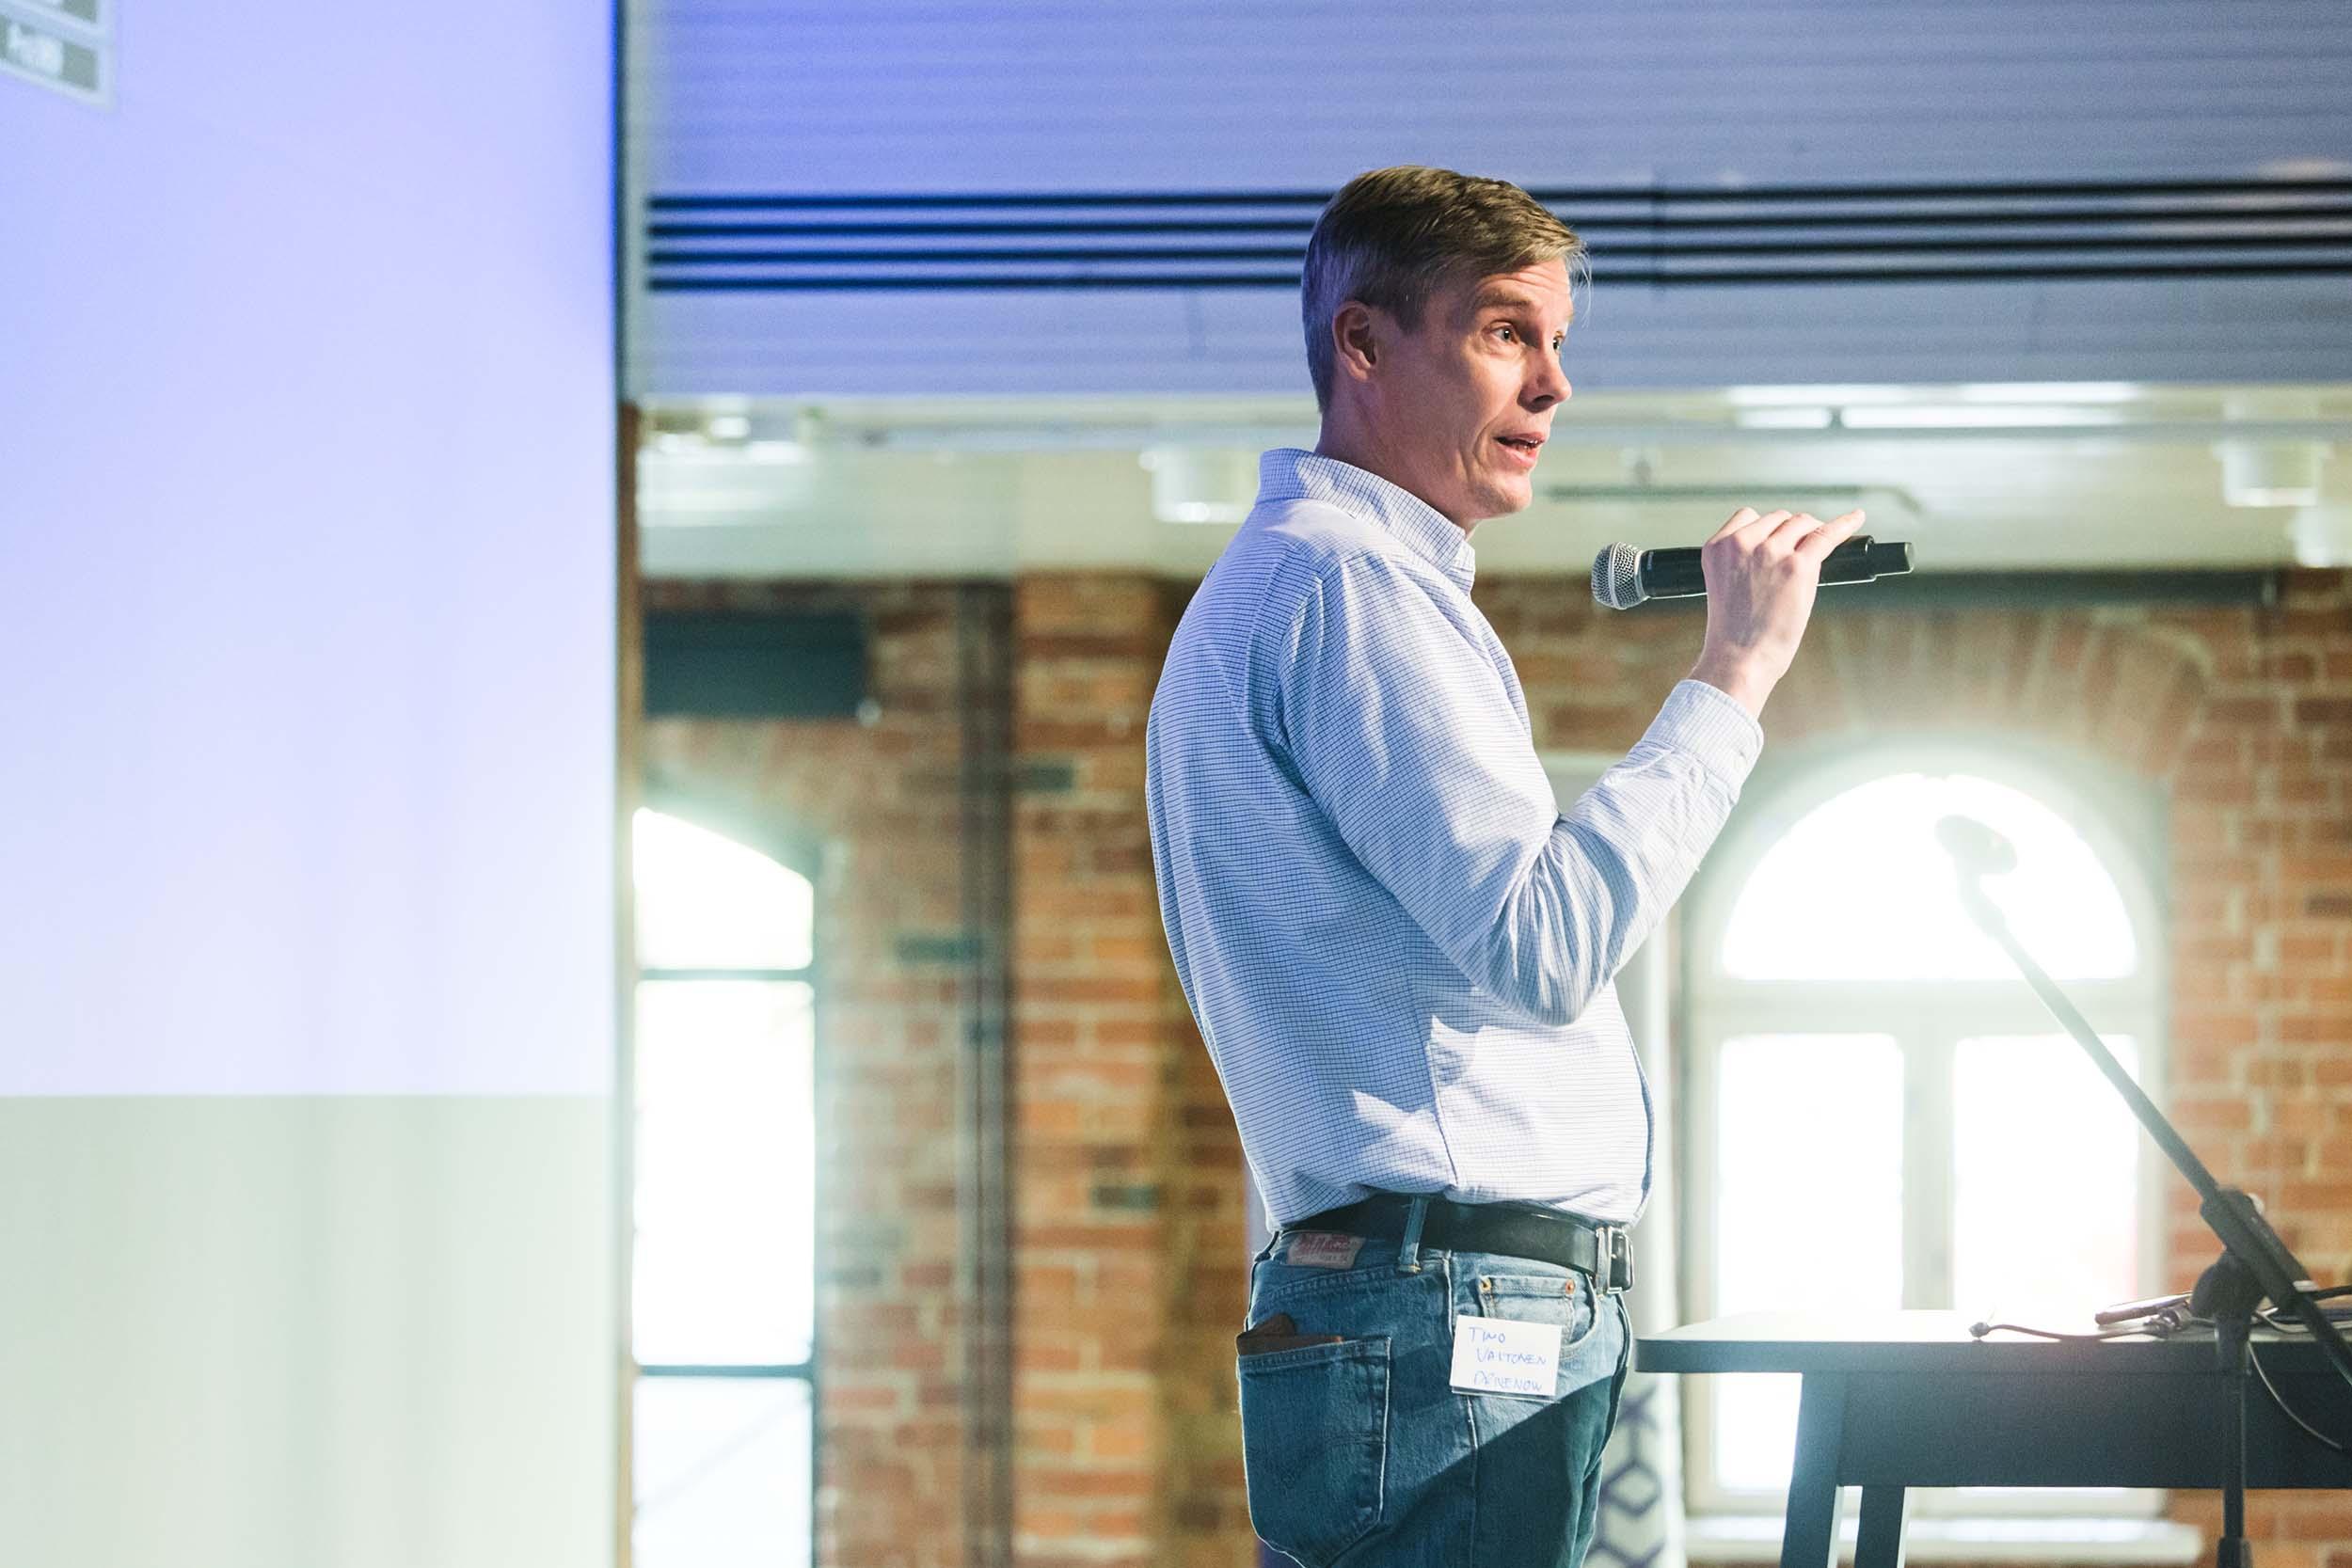 Mies puhuu esiintymislavalla mikrofoniin, taustalla tiiliseinä ja valoisat ikkunat.